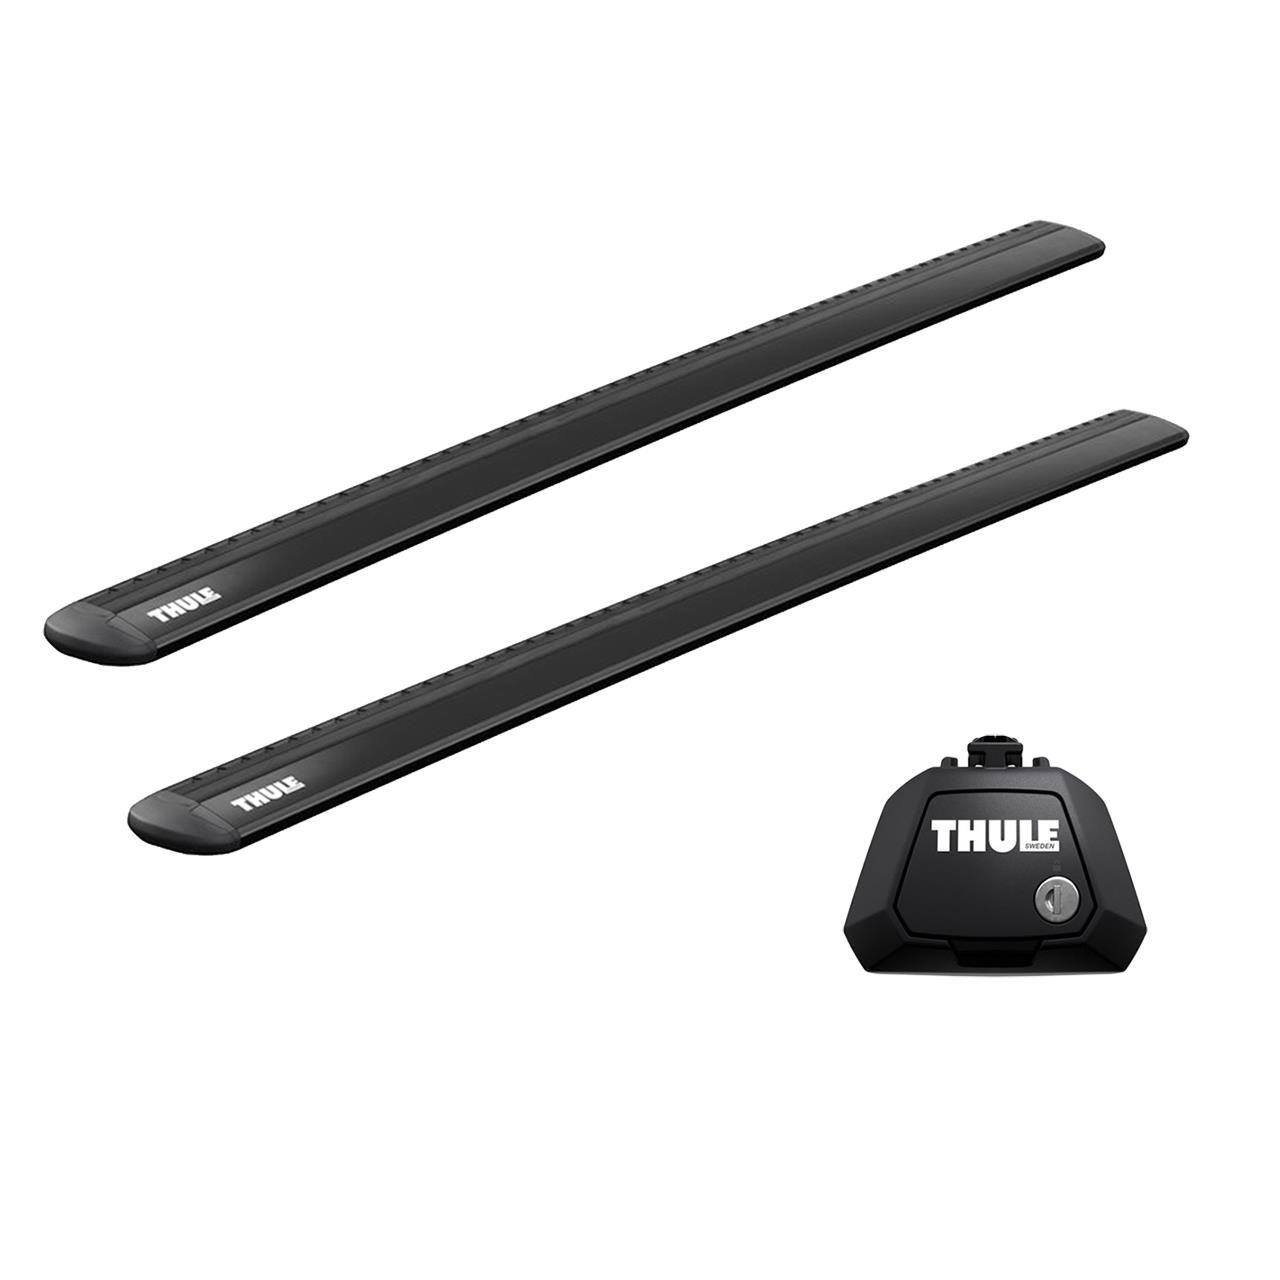 Напречни греди Thule Evo Raised Rail WingBar Evo 127cm в Черно за KIA Soul (Mk I) 5 врати Hatchback 08-13 с фабрични надлъжни греди с просвет 1